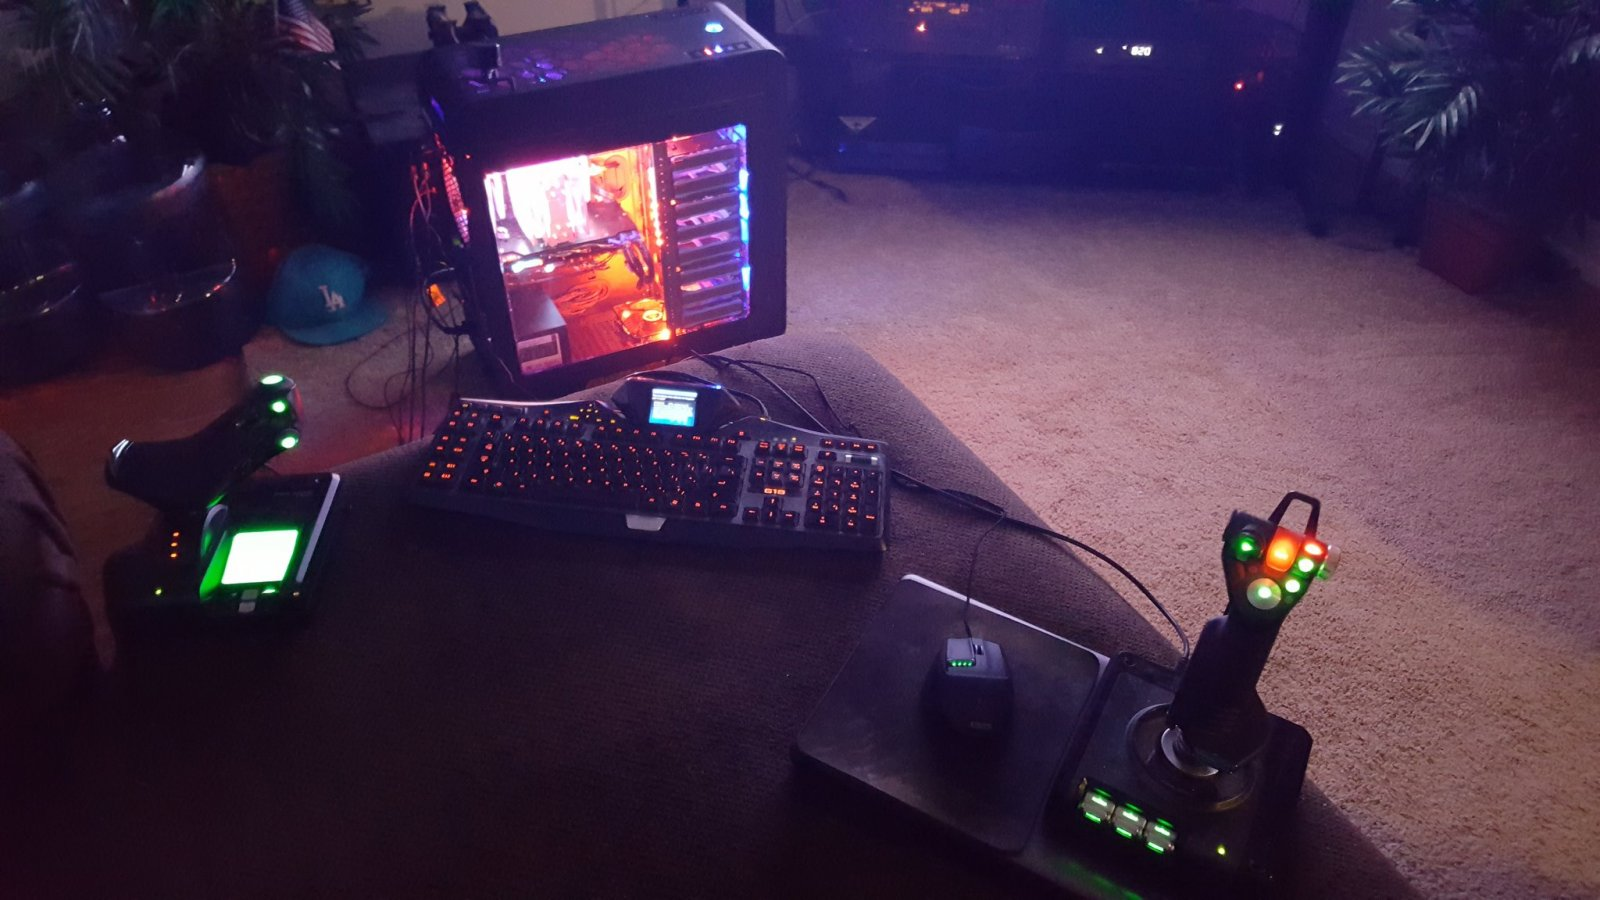 Blud PC